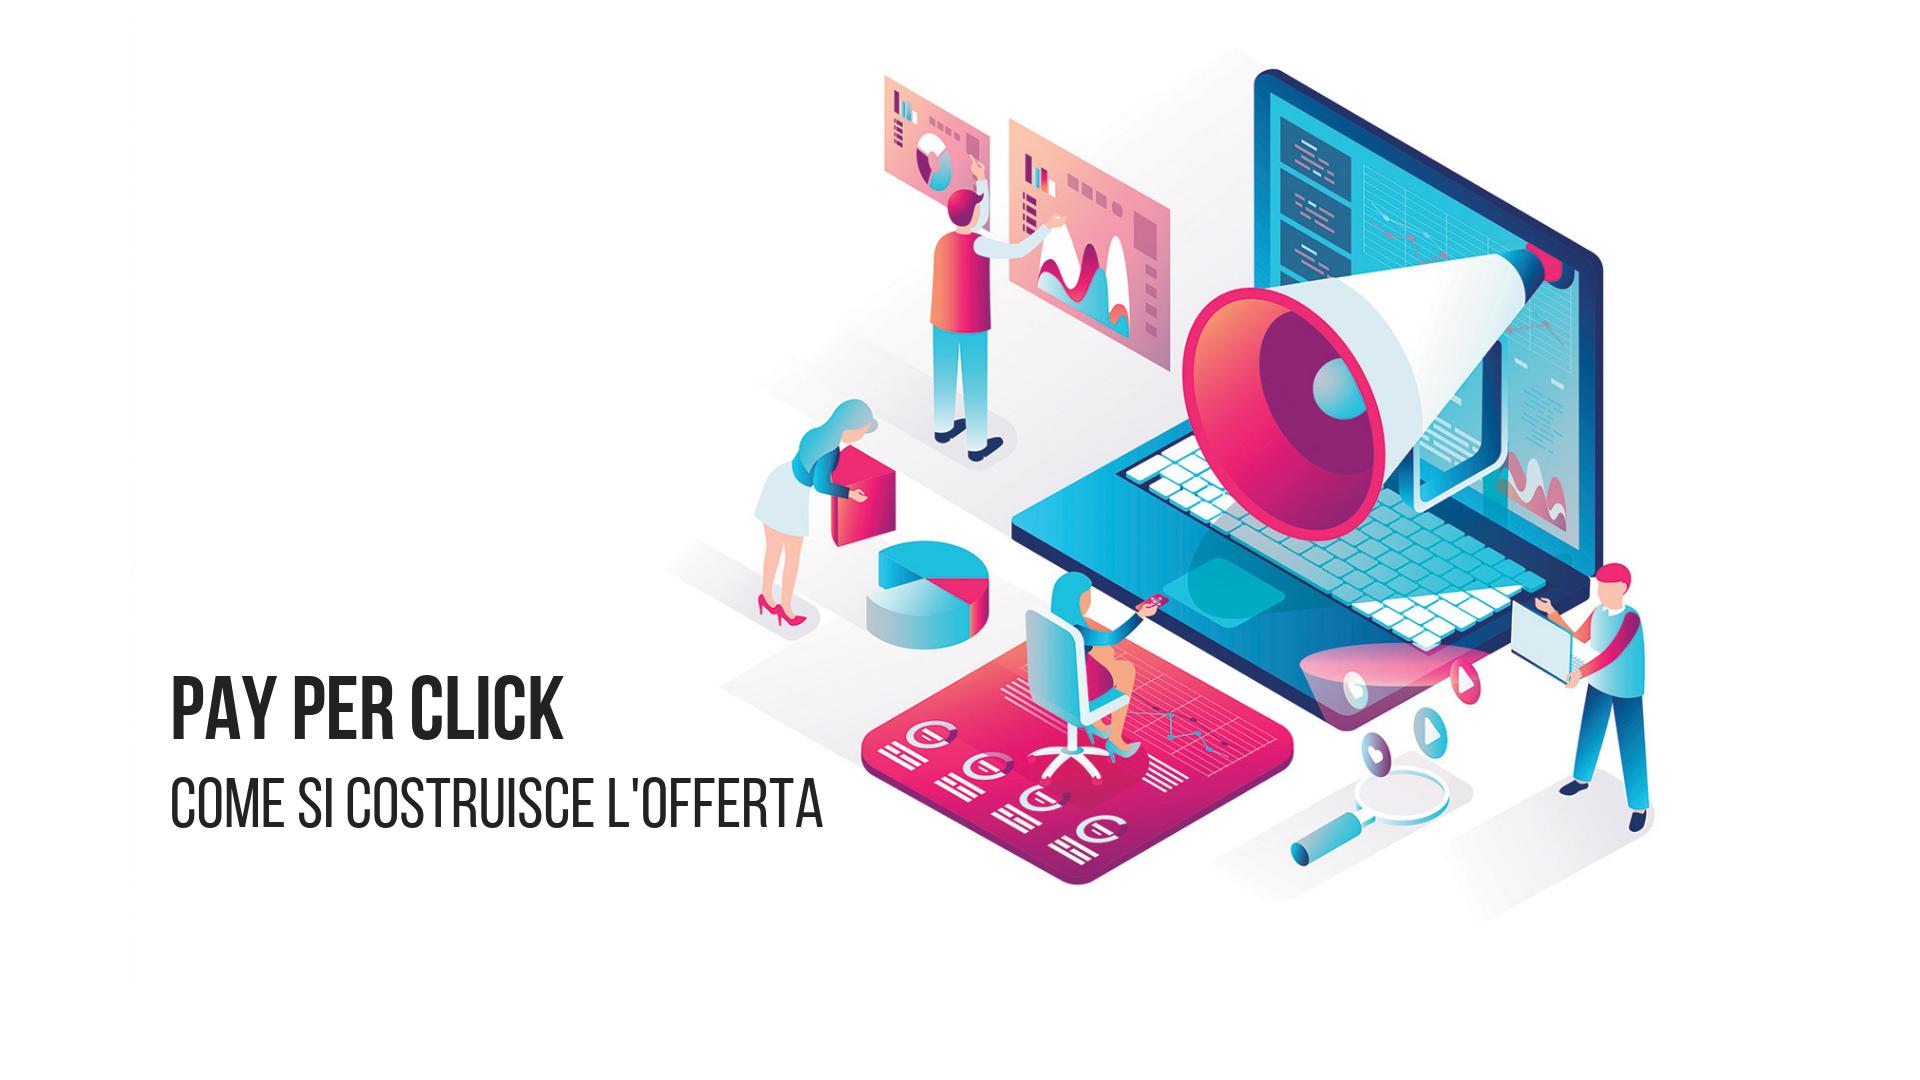 Loomen Studio - Web Agency - Pay-per-Click Come si costruisce l'offerta